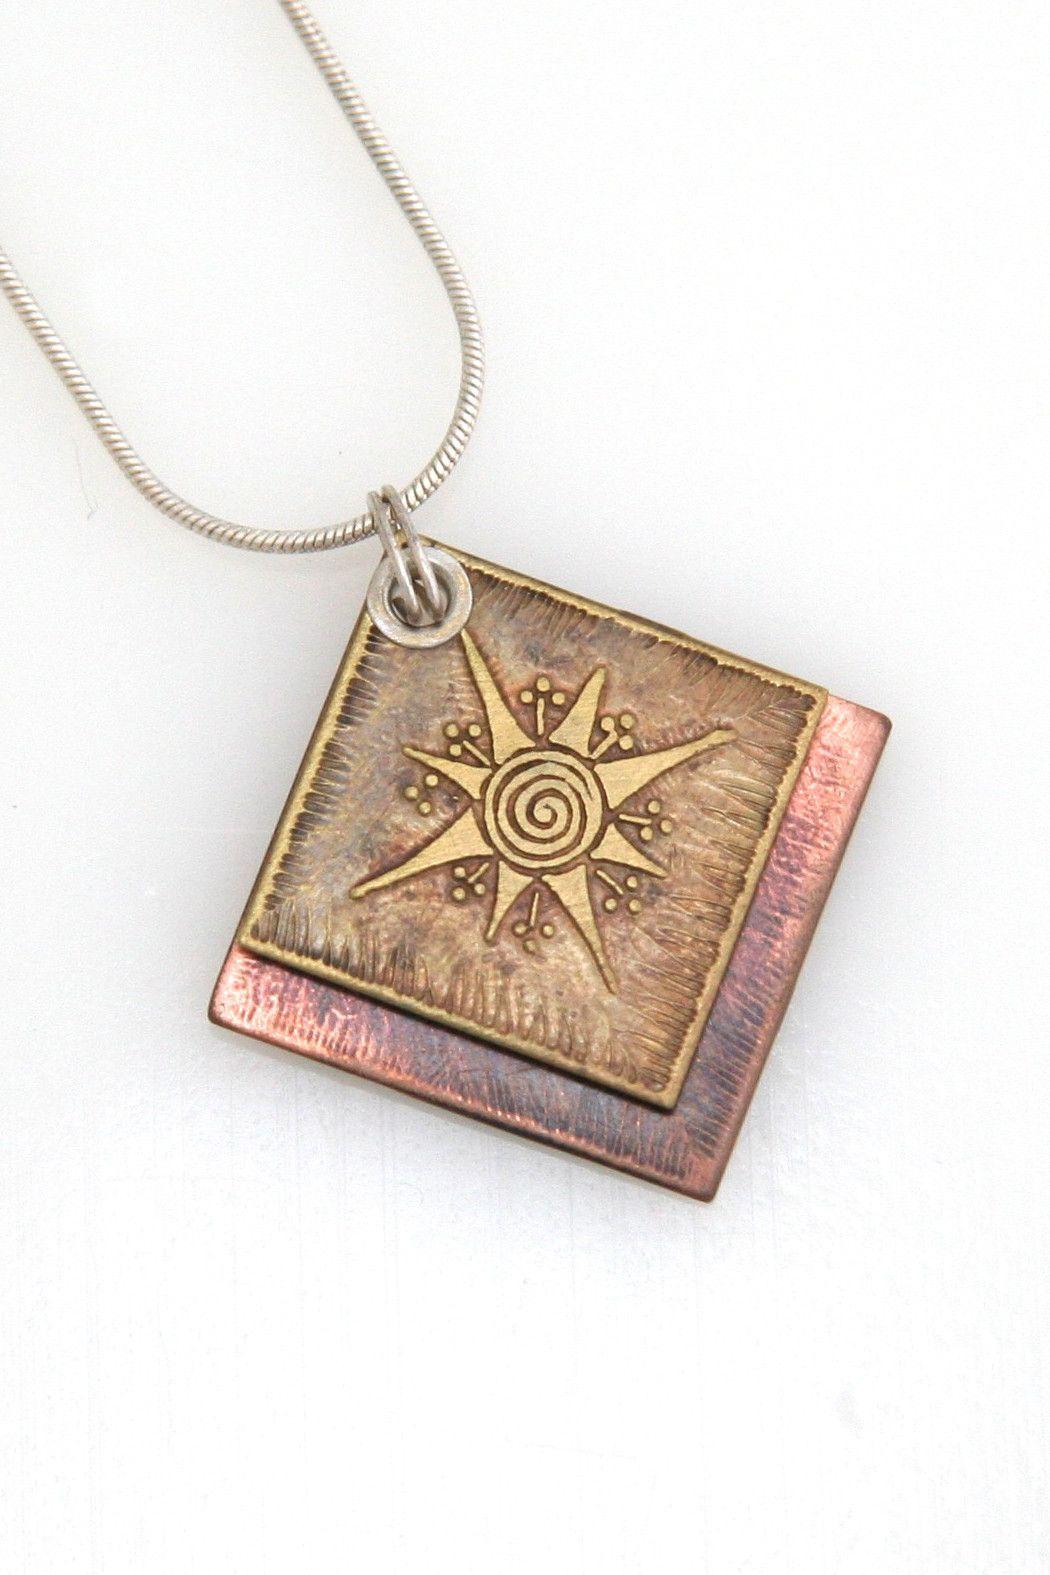 Acid-Etched Metal Necklace Star